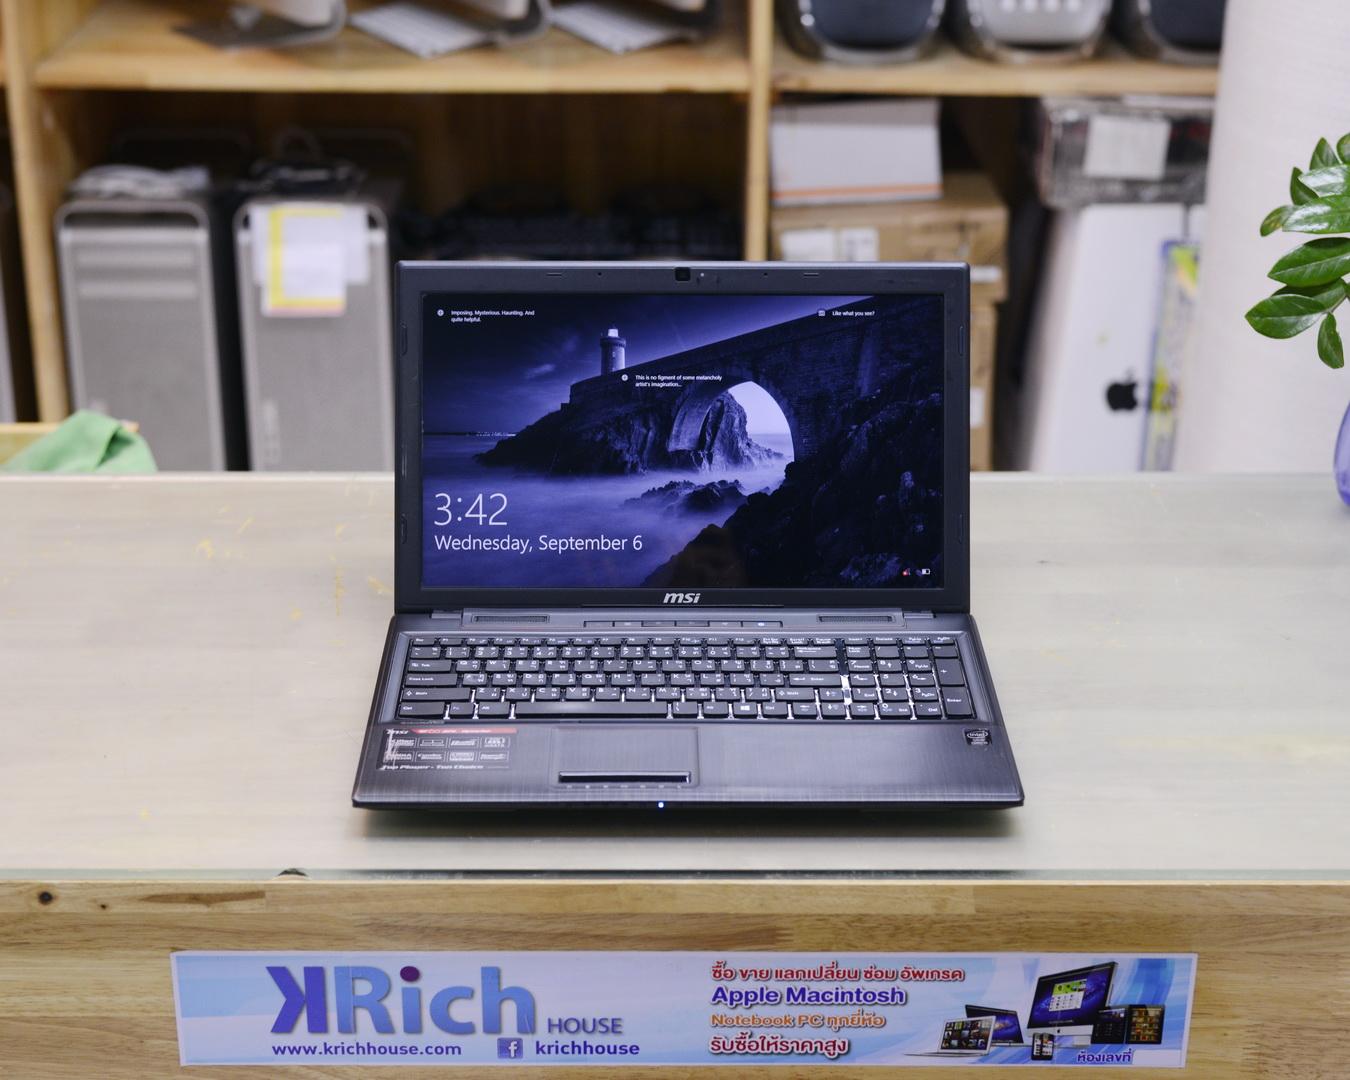 MSI GE60 2PL Core i5-4200H 2.8GHz RAM 4GB HDD 1TB GTX 850M 2GB - Display 15.6 inch Full HD